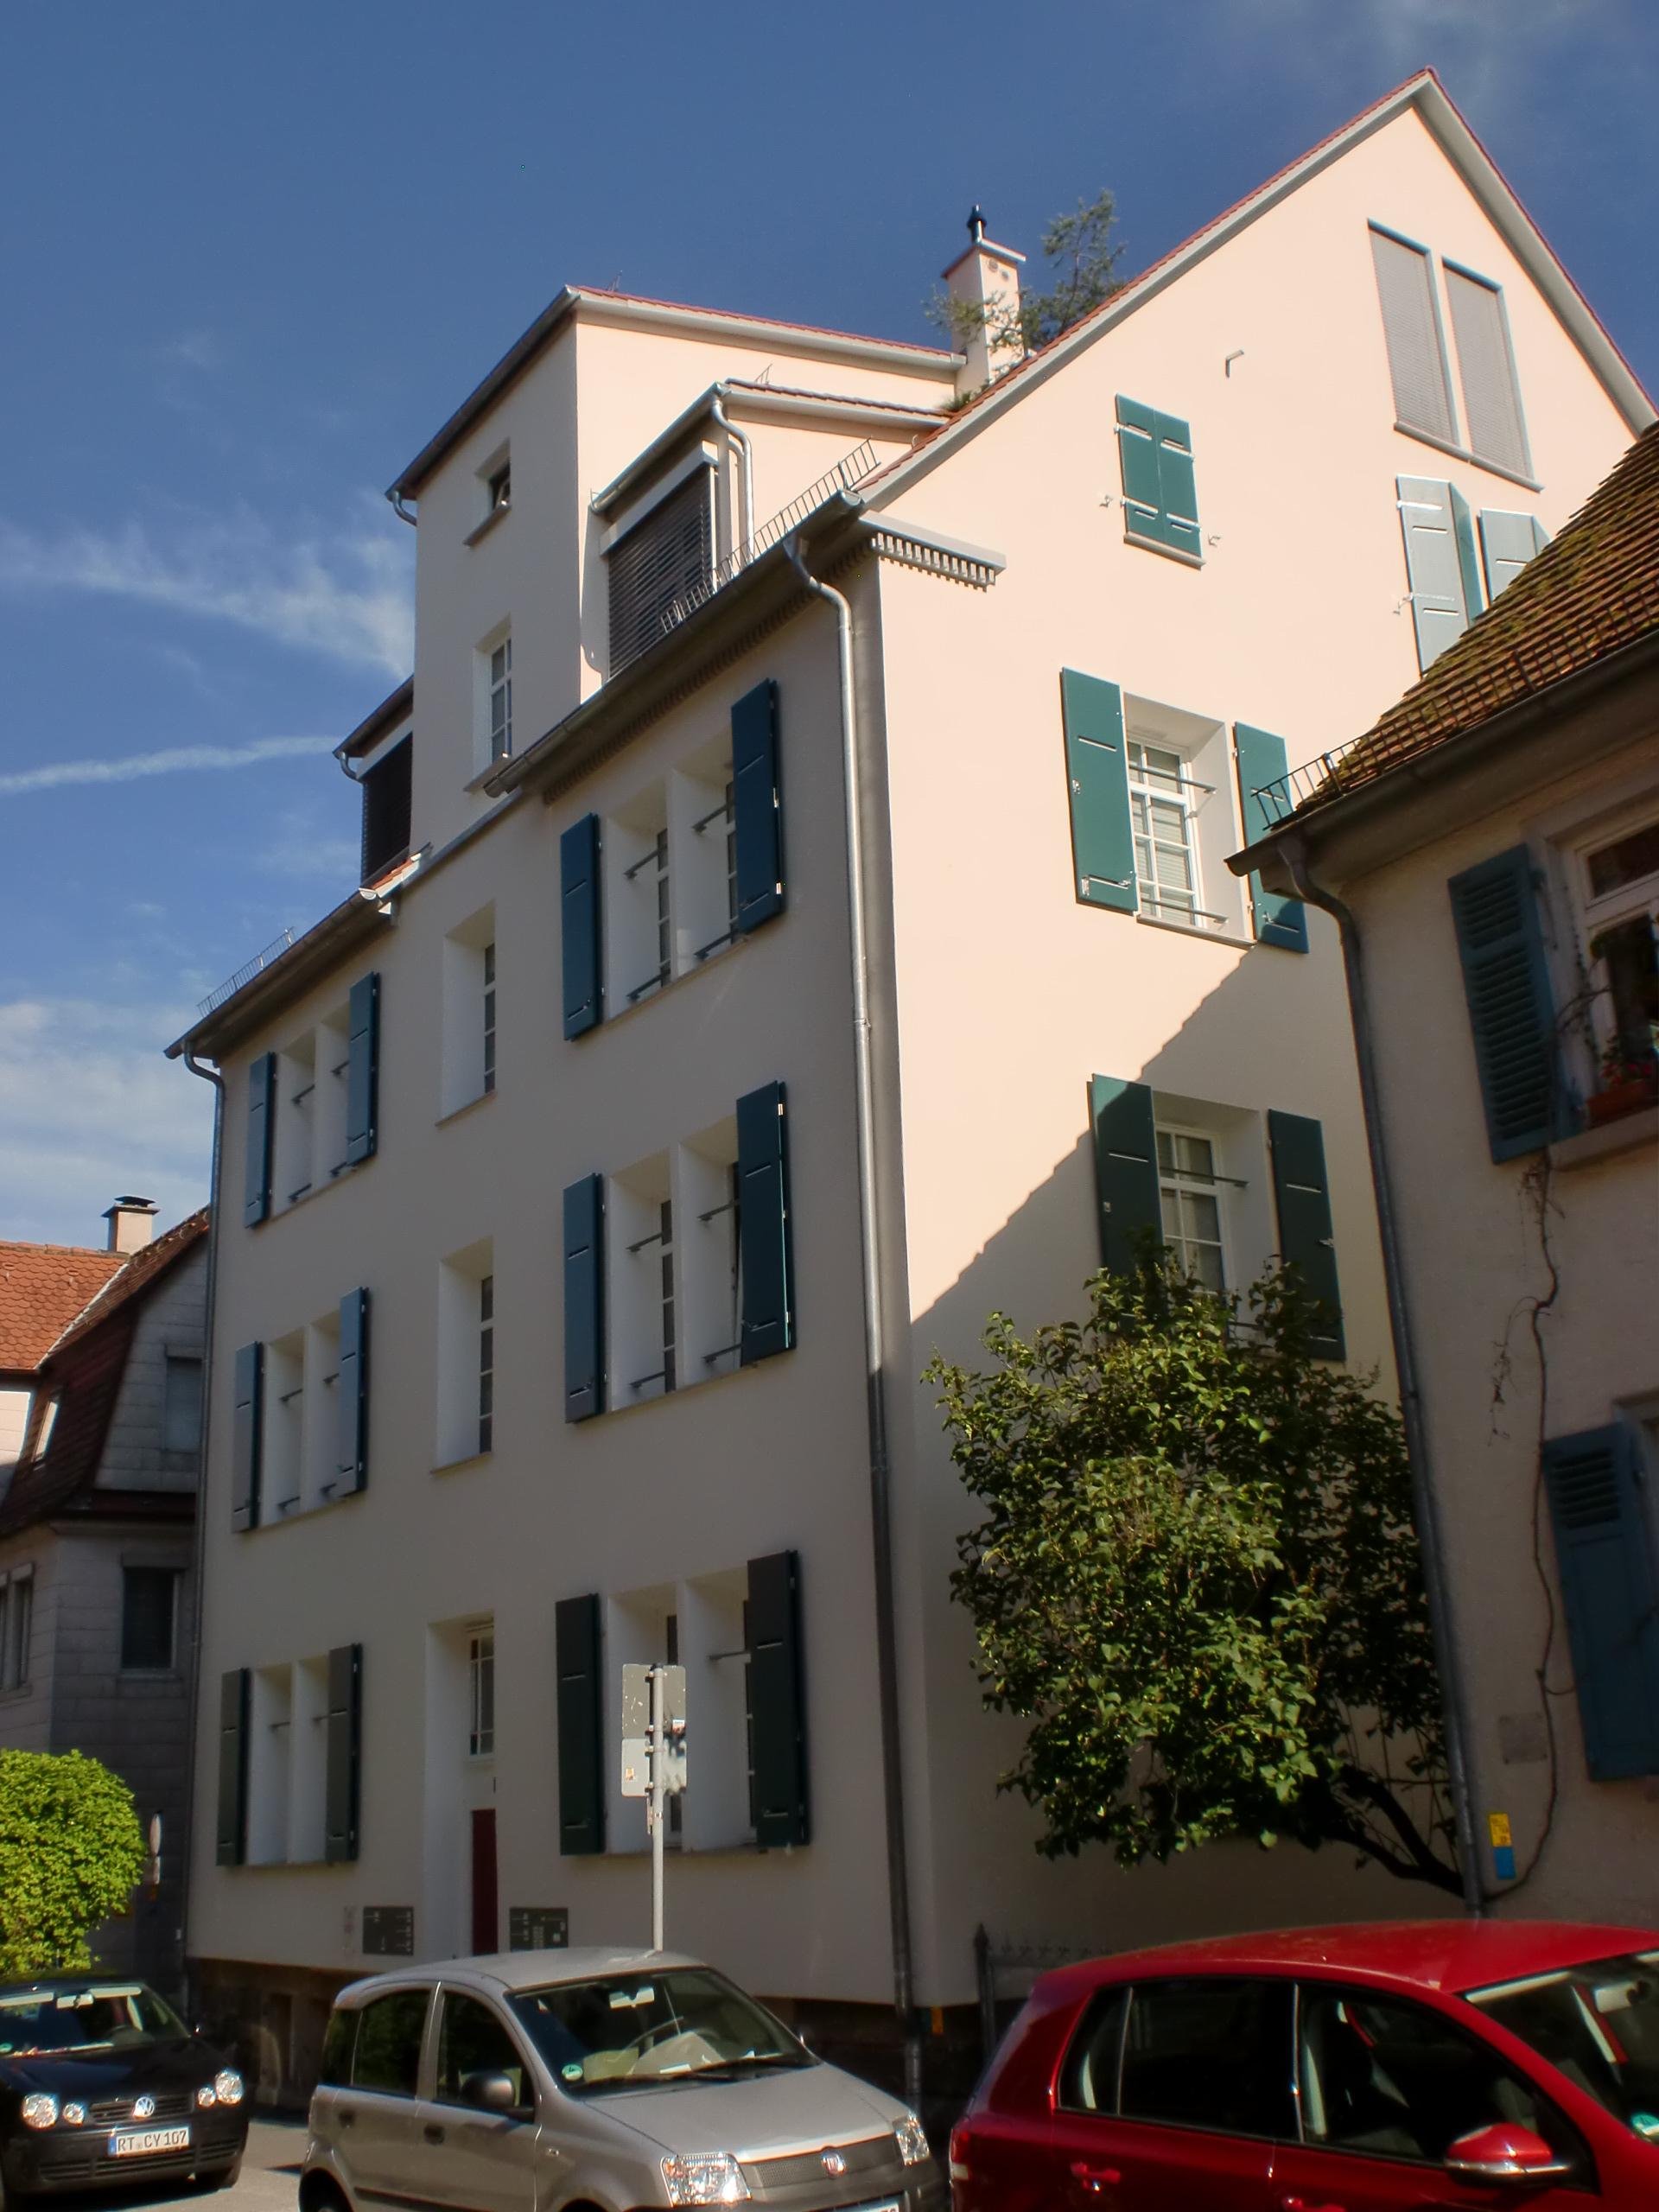 Wohnprojekte In Tübingen Eine übersicht Seite 2